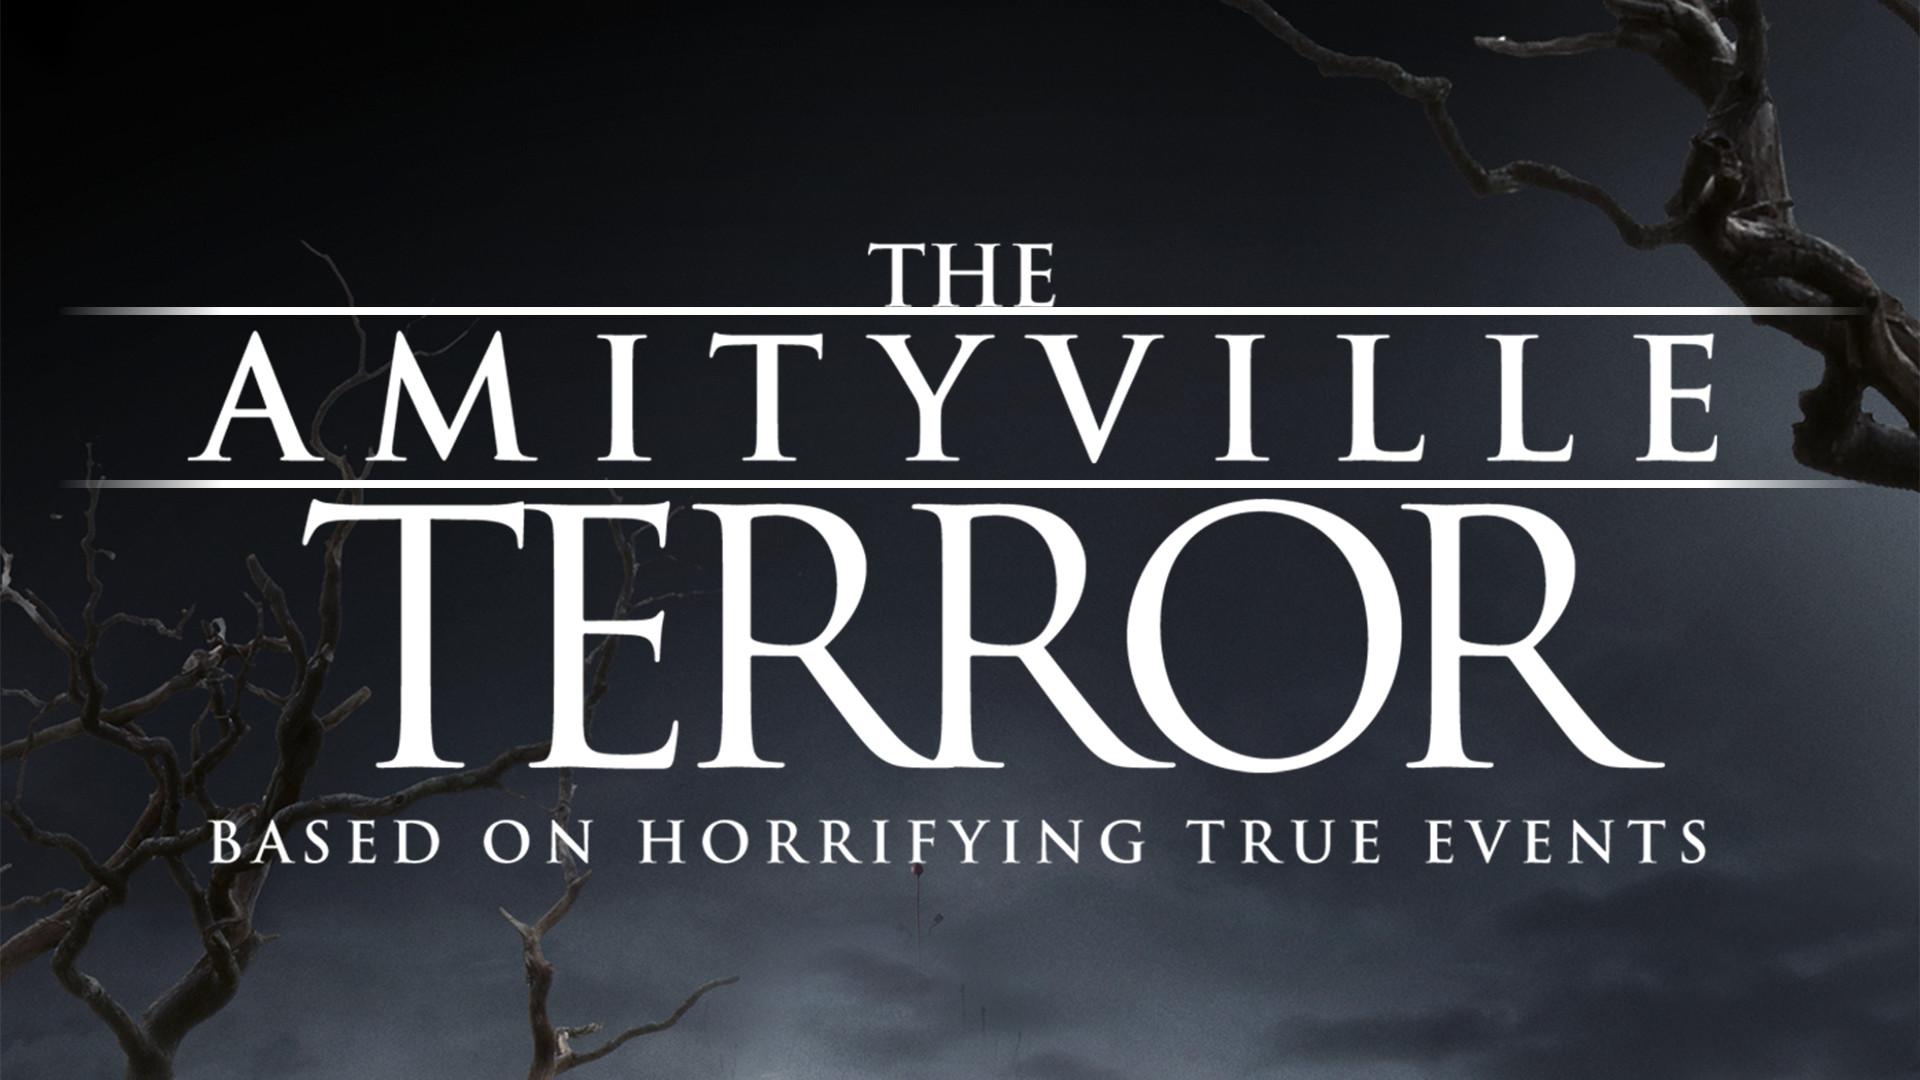 Amityville Terror